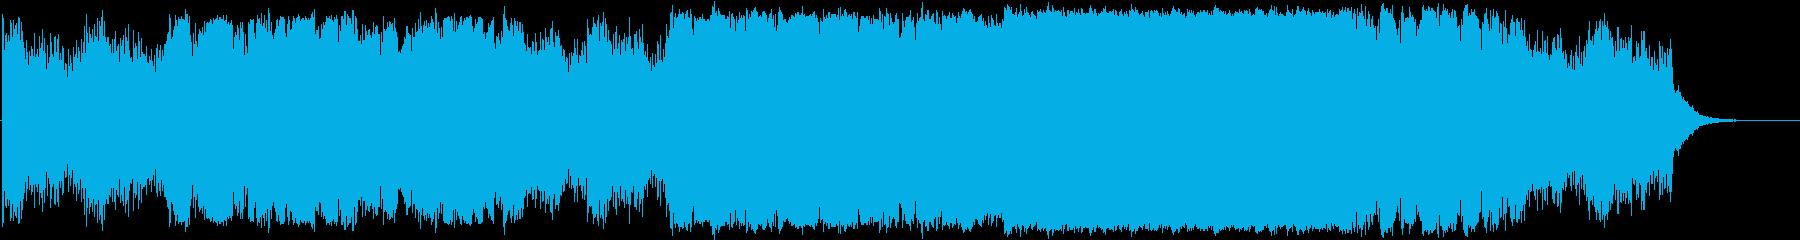 極寒をイメージしたテクスチャーの再生済みの波形